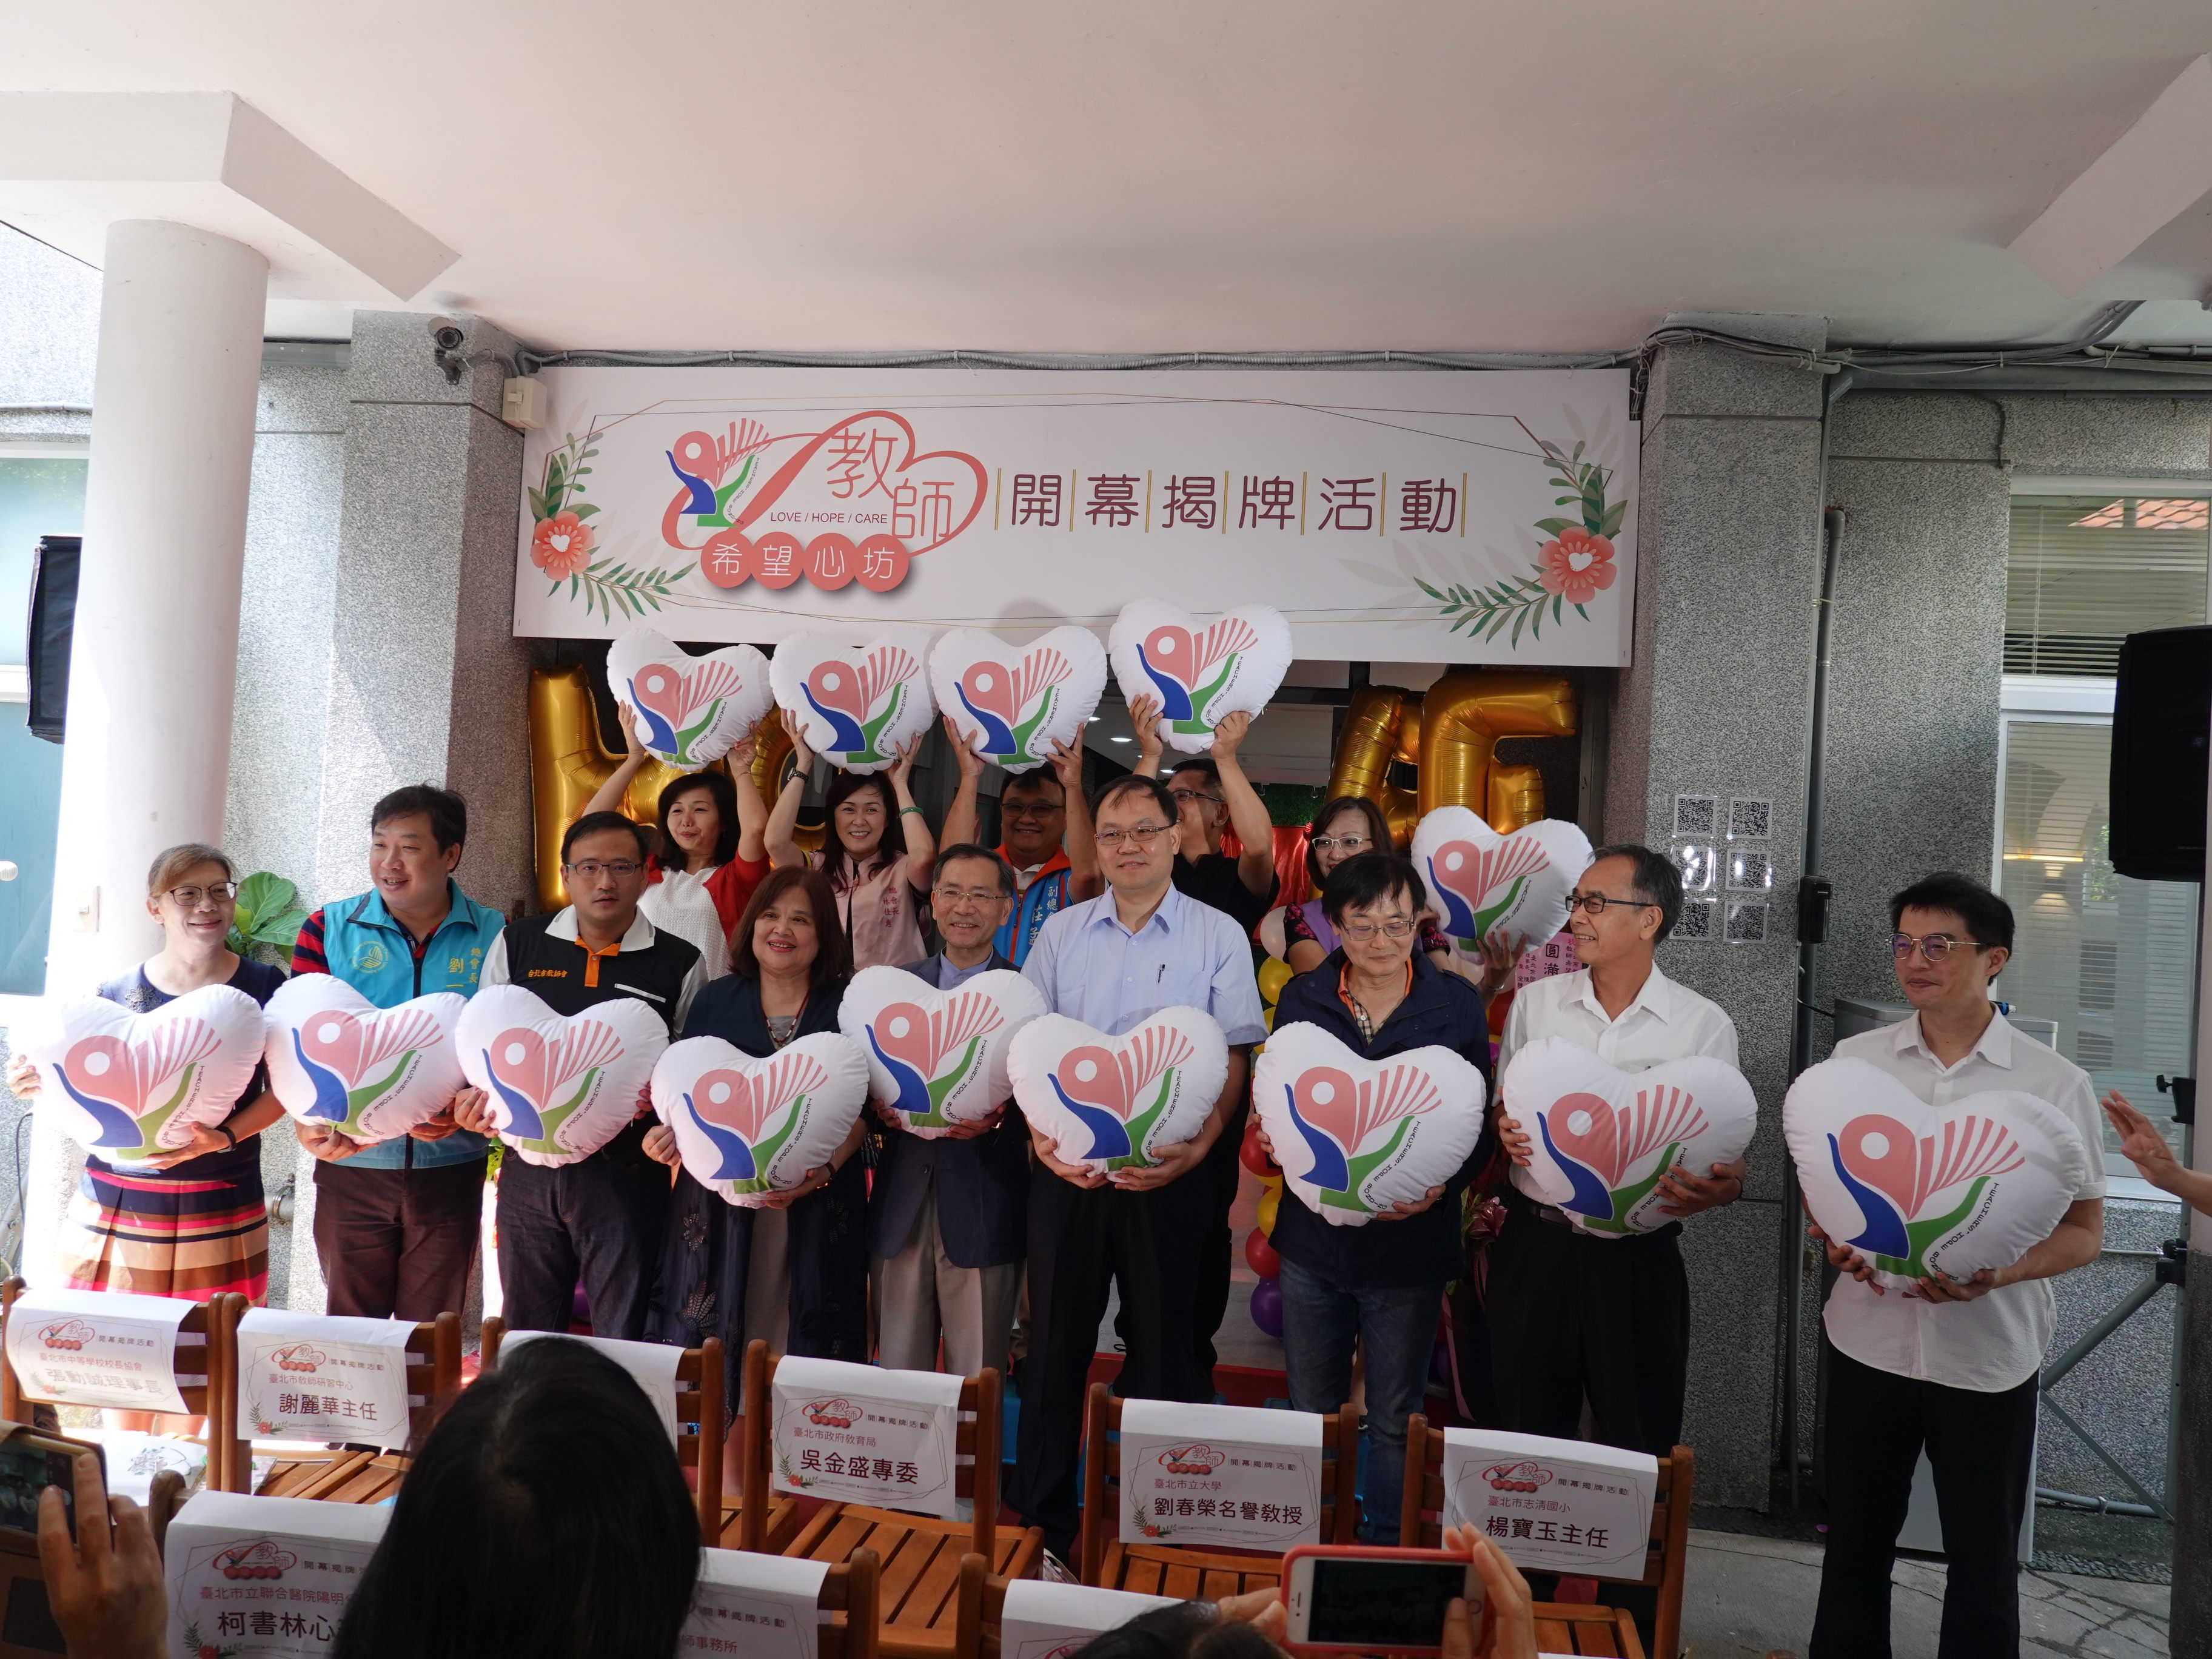 臺北市教師希望心坊開幕典禮